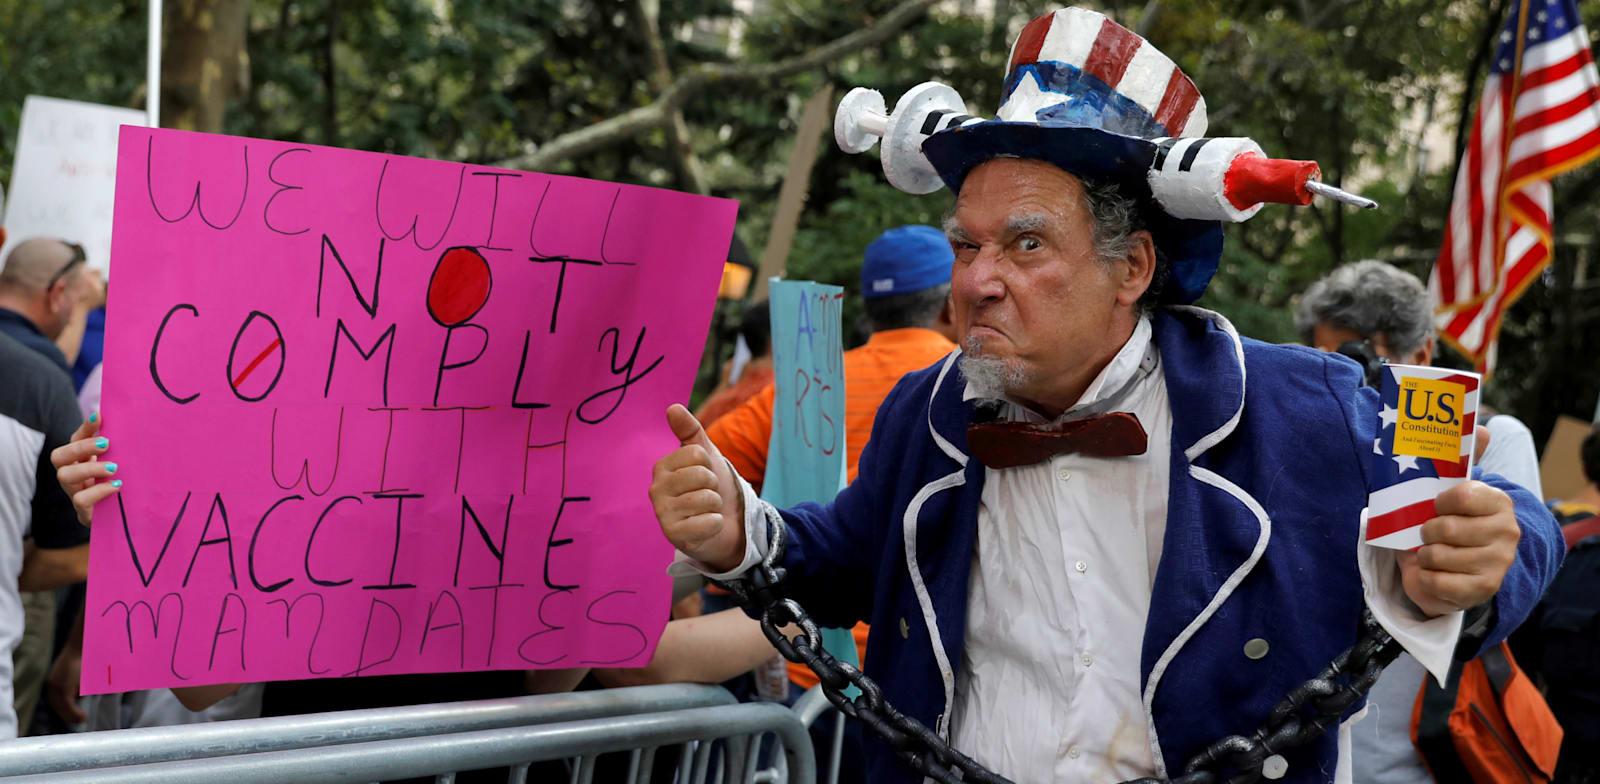 הפגנה נגד החובה להתחסן בחודש שעבר, ניו יורק / צילום: Reuters, Allison Bailey